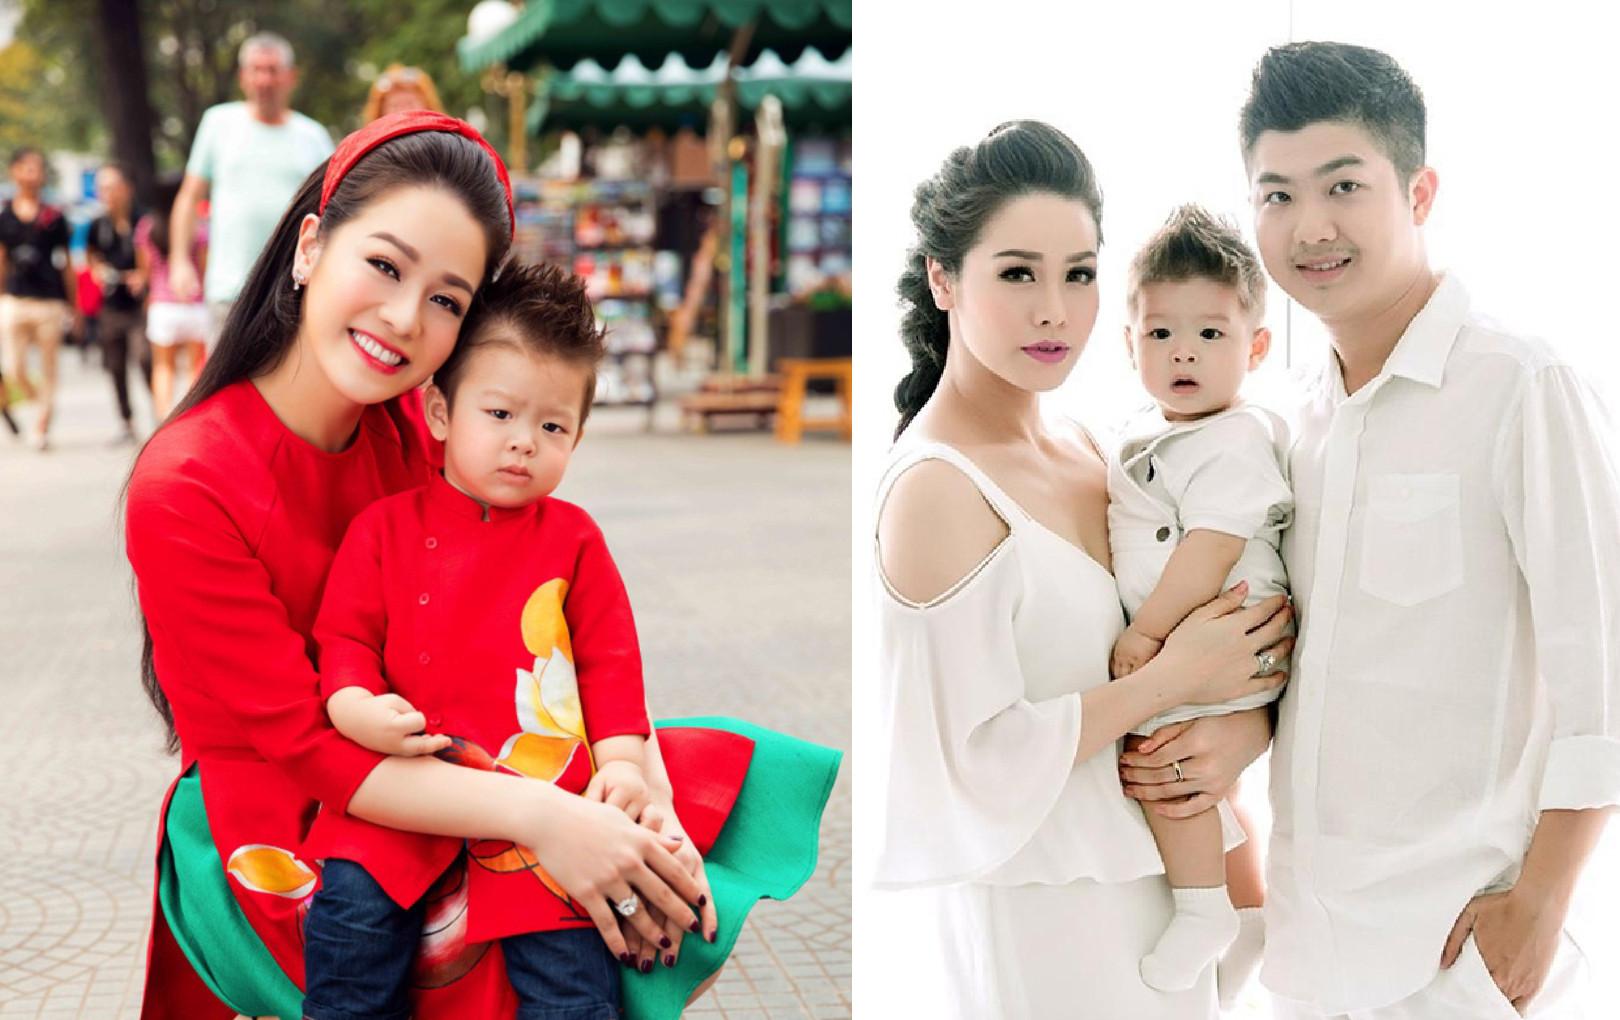 Nhật Kim Anh bật khóc nức nở tại tòa, chính thức giành được quyền nuôi con sau khi đấu tố với chồng cũ